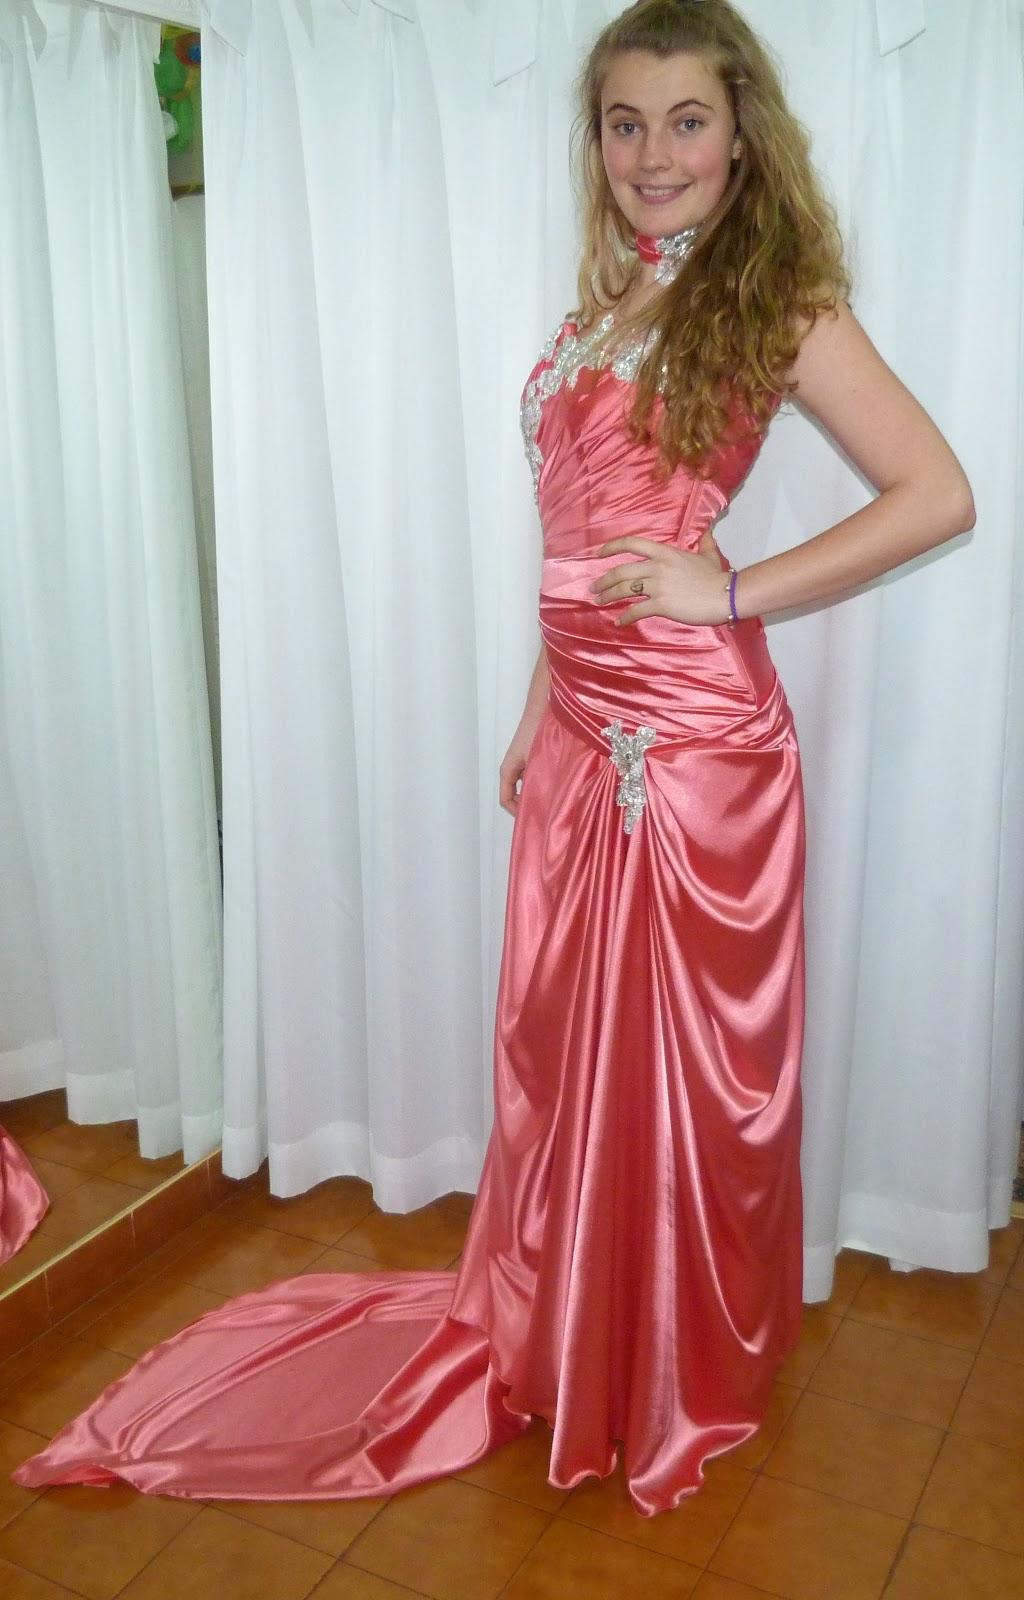 Vestidos para recepcion 2012